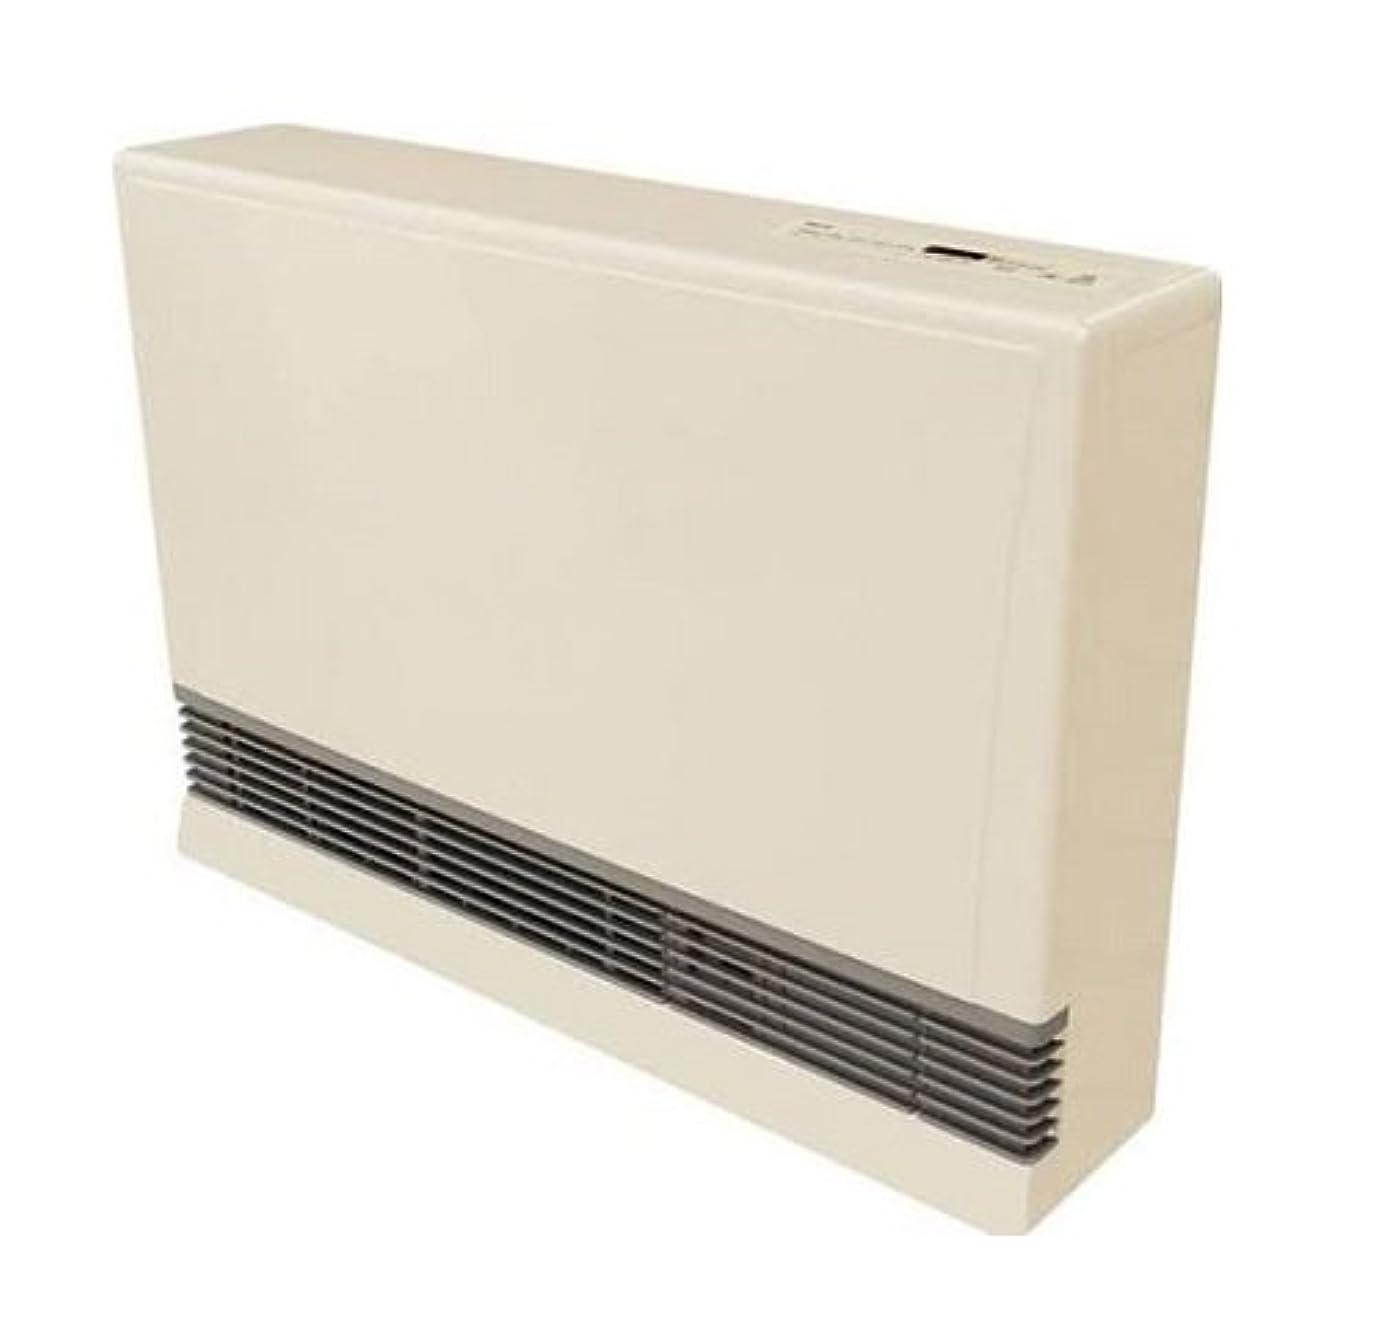 逆説おじさん共和党Rinnai EX38CTLP Direct Vent Space Heater - Liquid Propane BEIGE, 141[並行輸入]